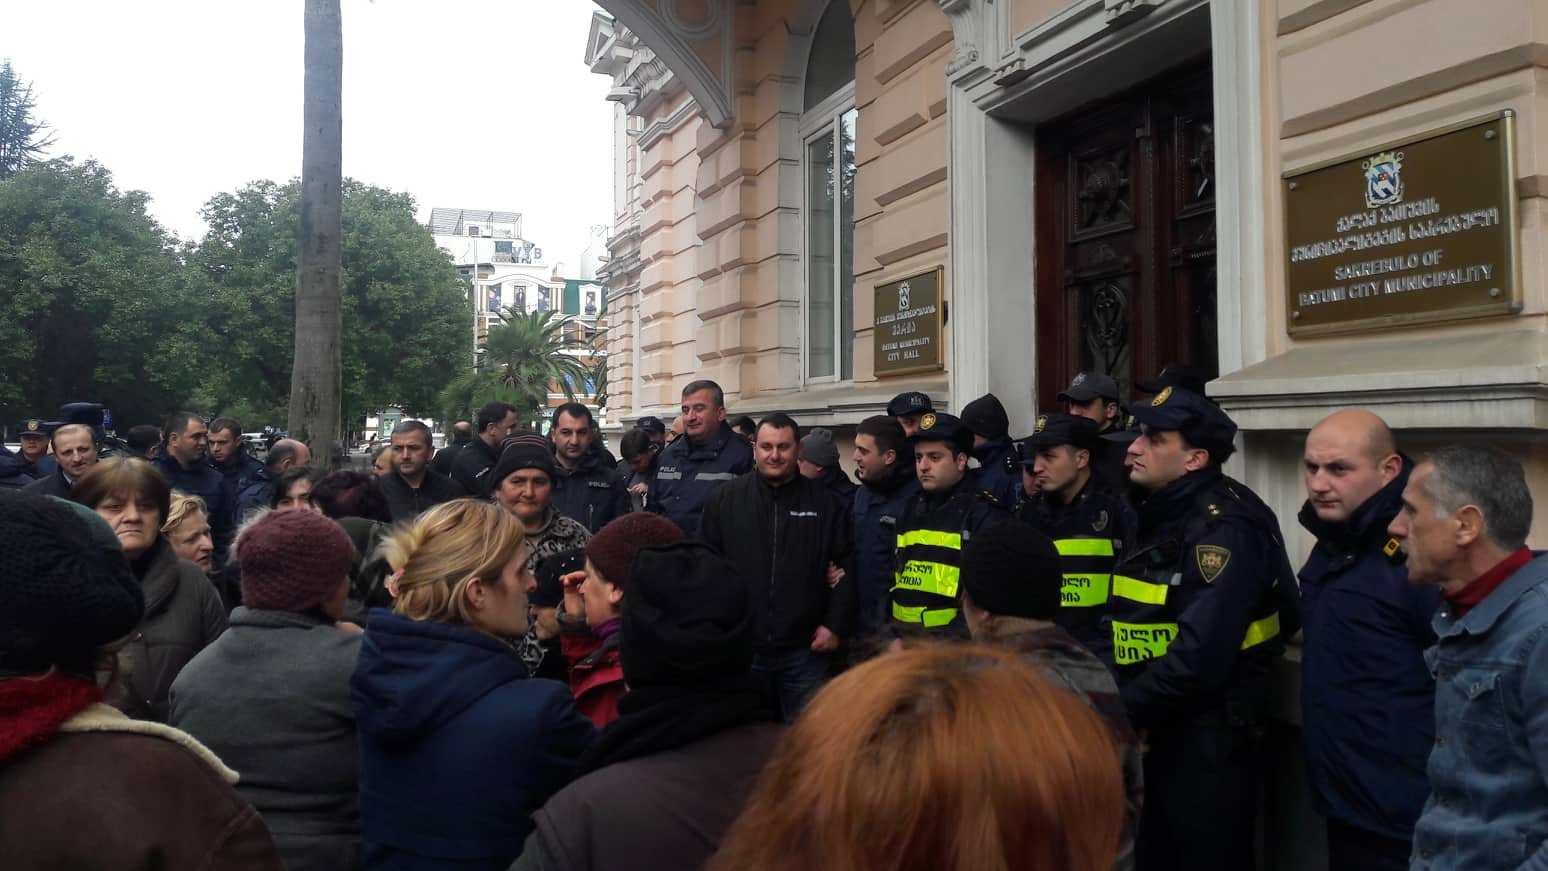 წერეთლის ქუჩის გარემოვაჭრეები მერთან შეხვედრას ითხოვენ - მერიას პოლიცია იცავს